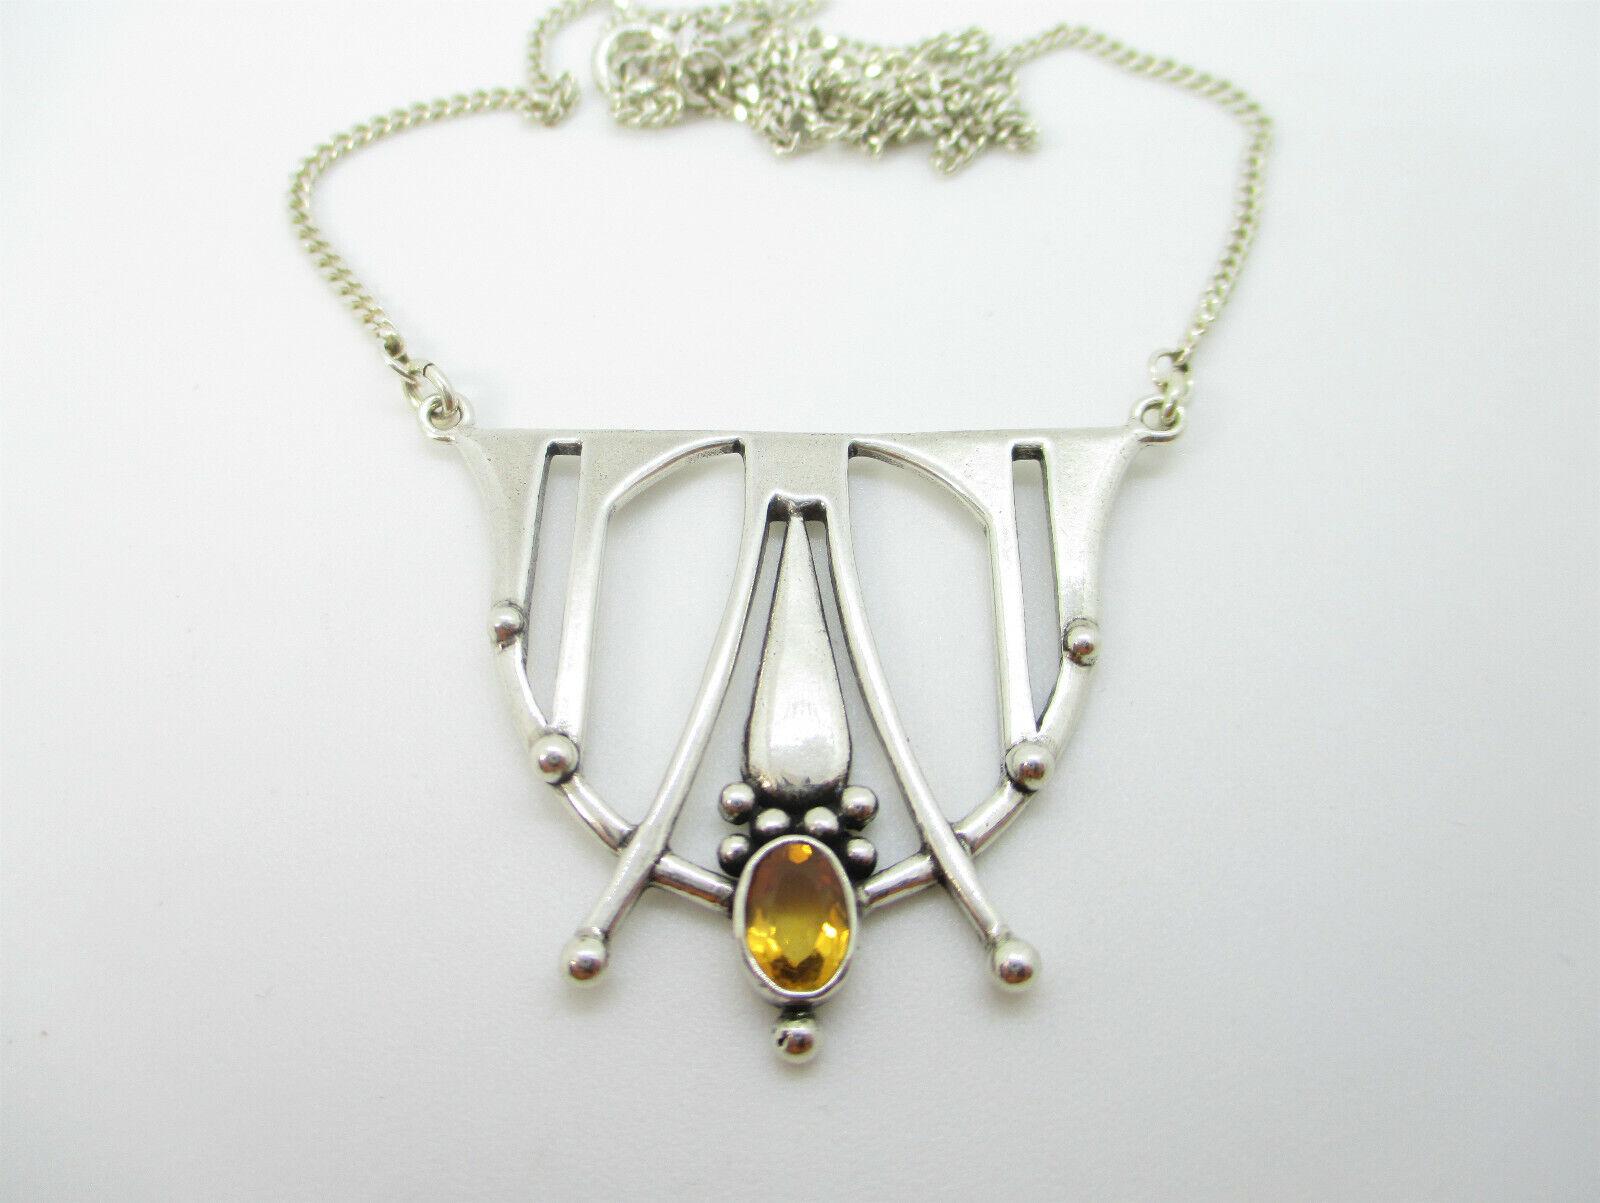 Designer Collier 925 Sterling Silber Kette Jugendstil Stil Halskette Citrin